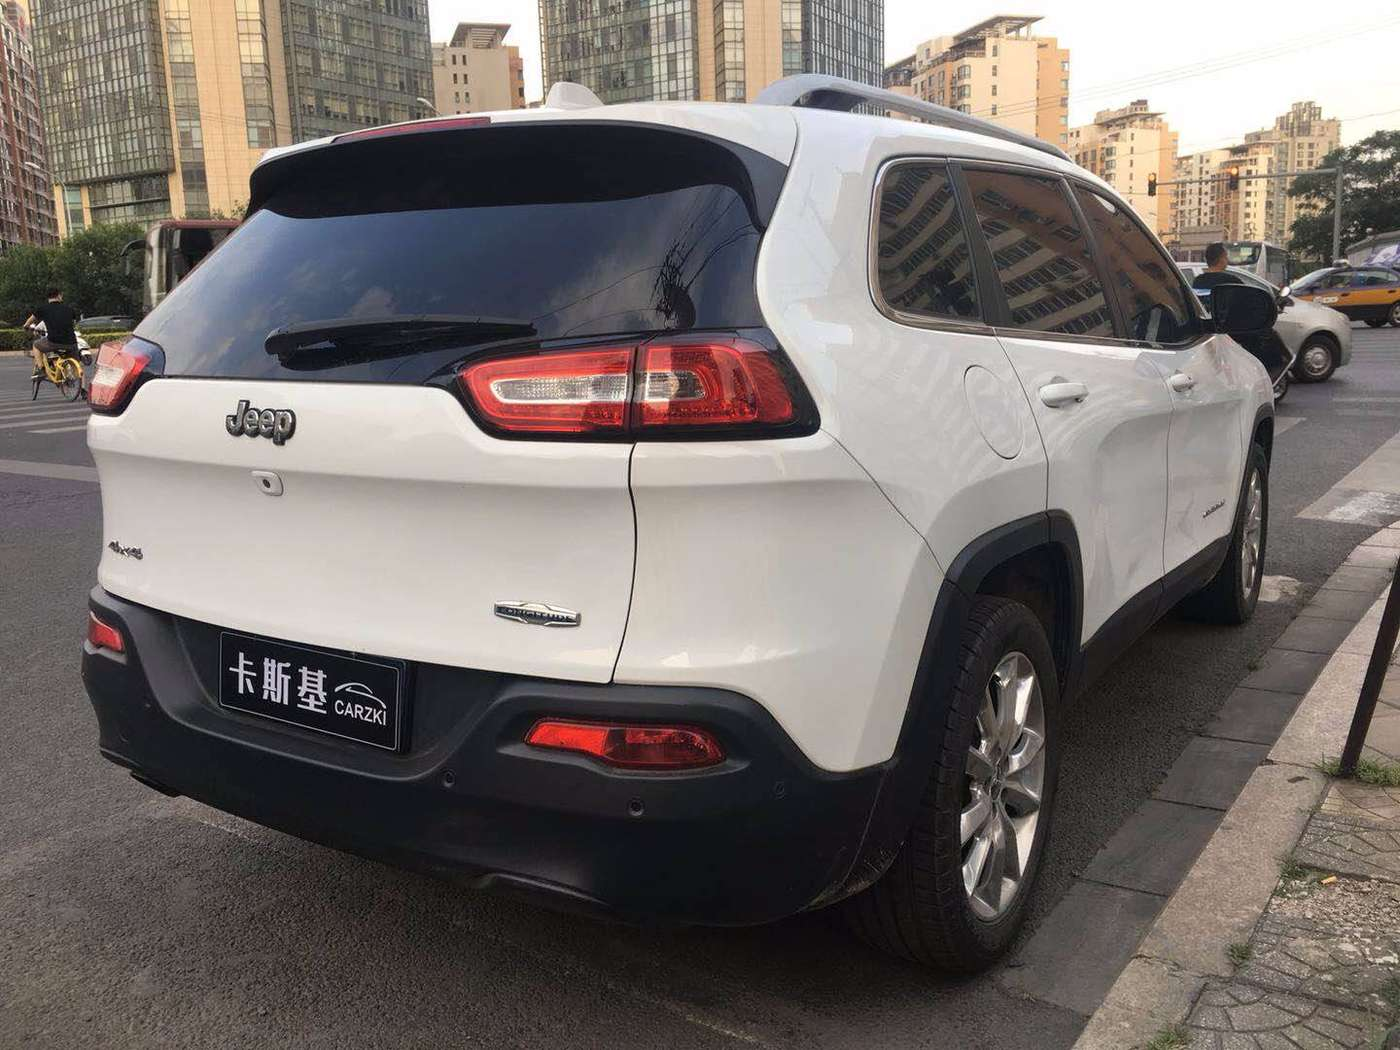 2014年12月 Jeep 自由光 2014款 2.4L 豪华版 甄选易手车-北京卡斯基汽车服务有限公司